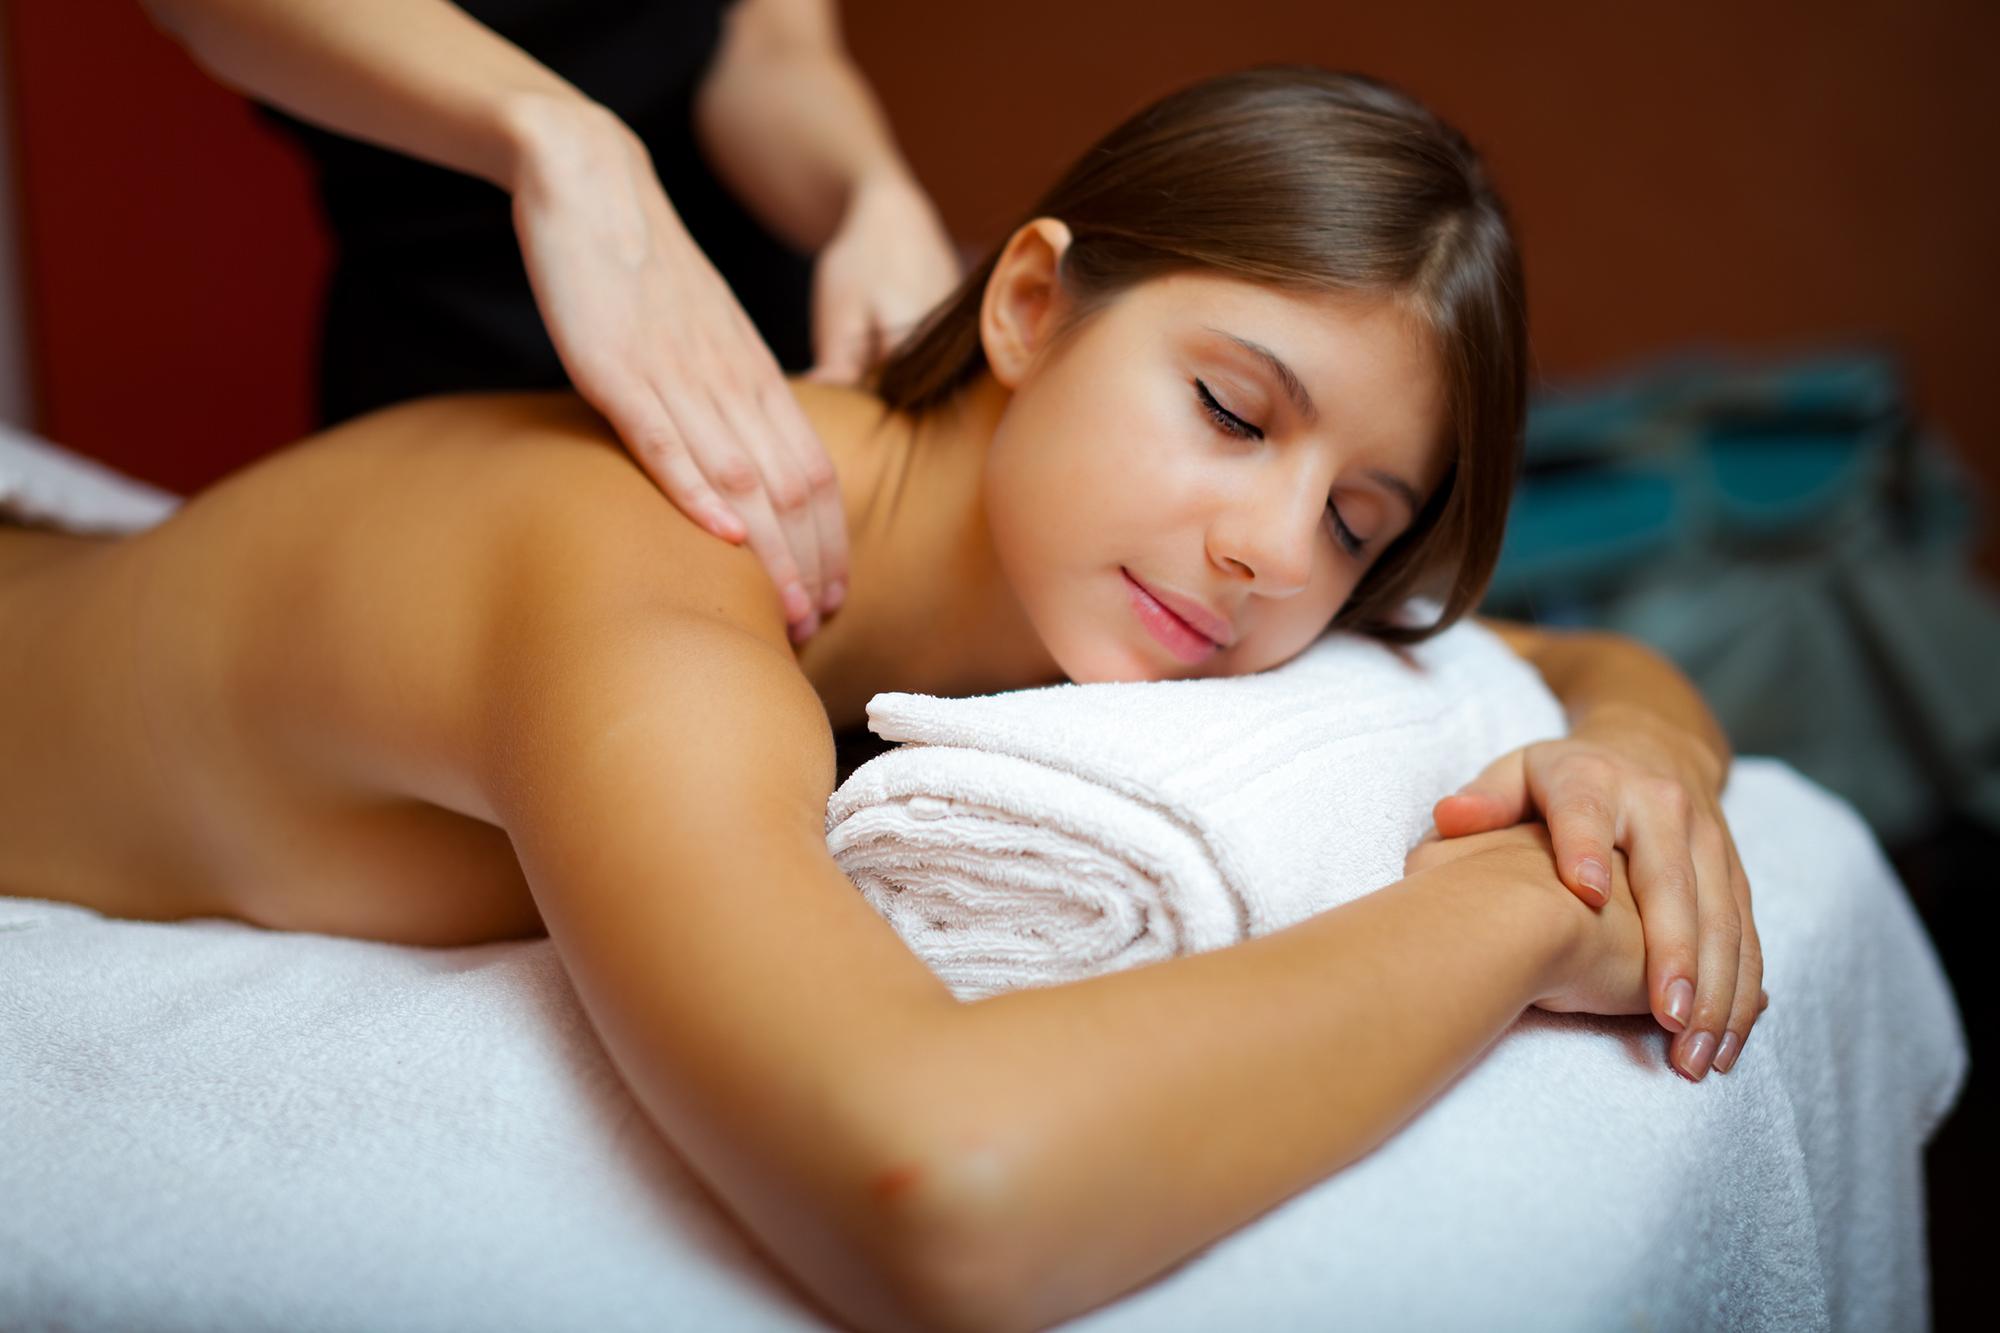 spa massage stockholm erotik svensk